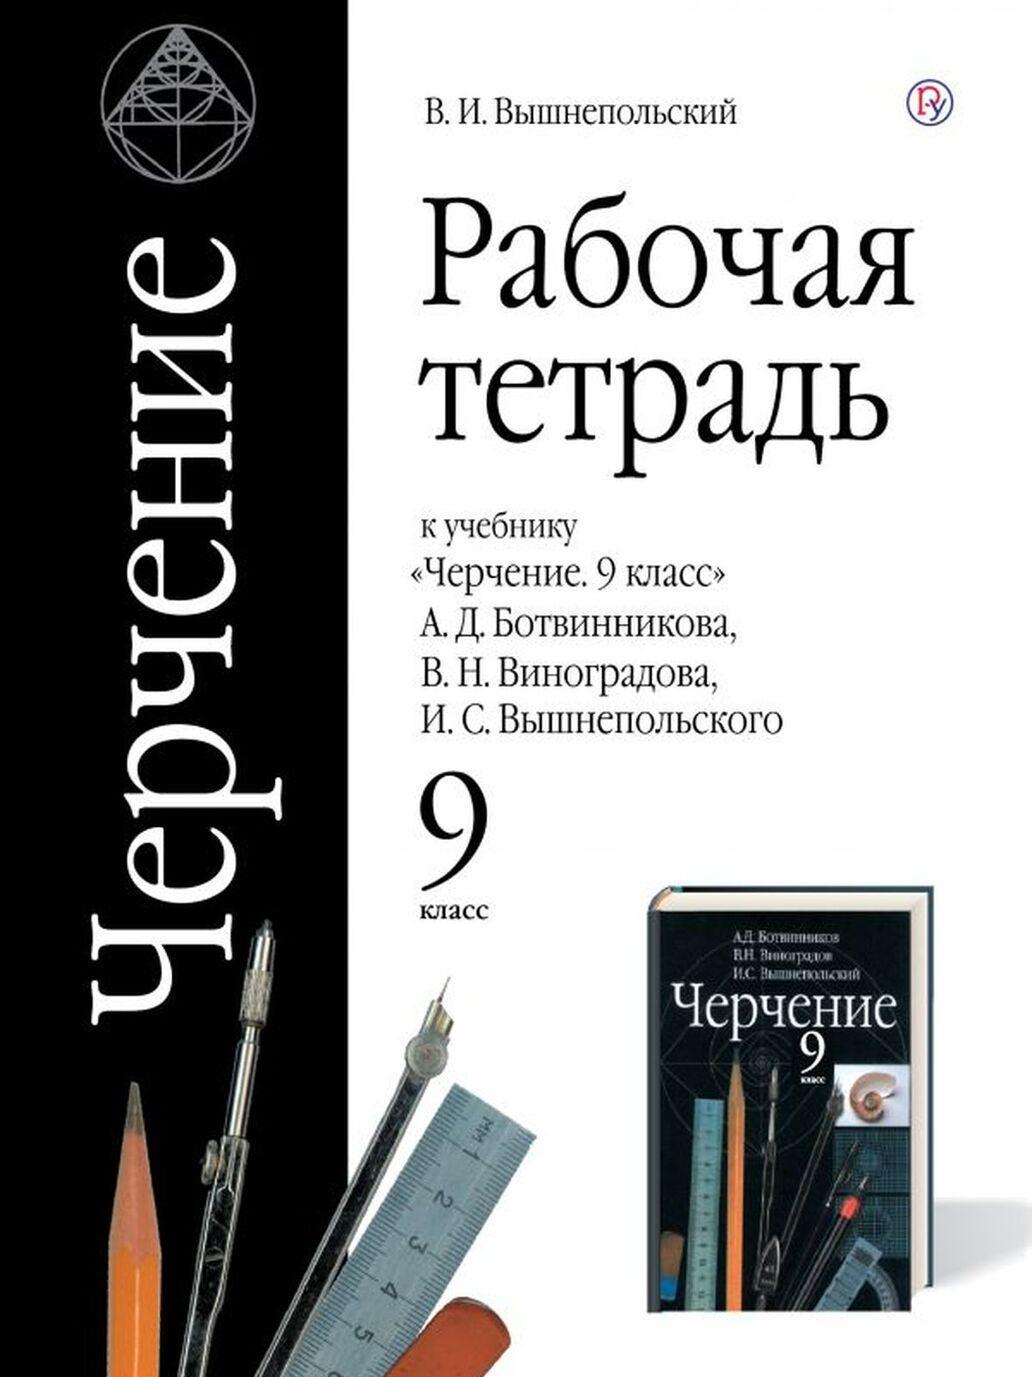 Cherchenie. 9 klass. Rabochaja tetrad k uchebniku A.D. Botvinnikova, V. N. Vinogradova, I. S. Vyshnepolskogo